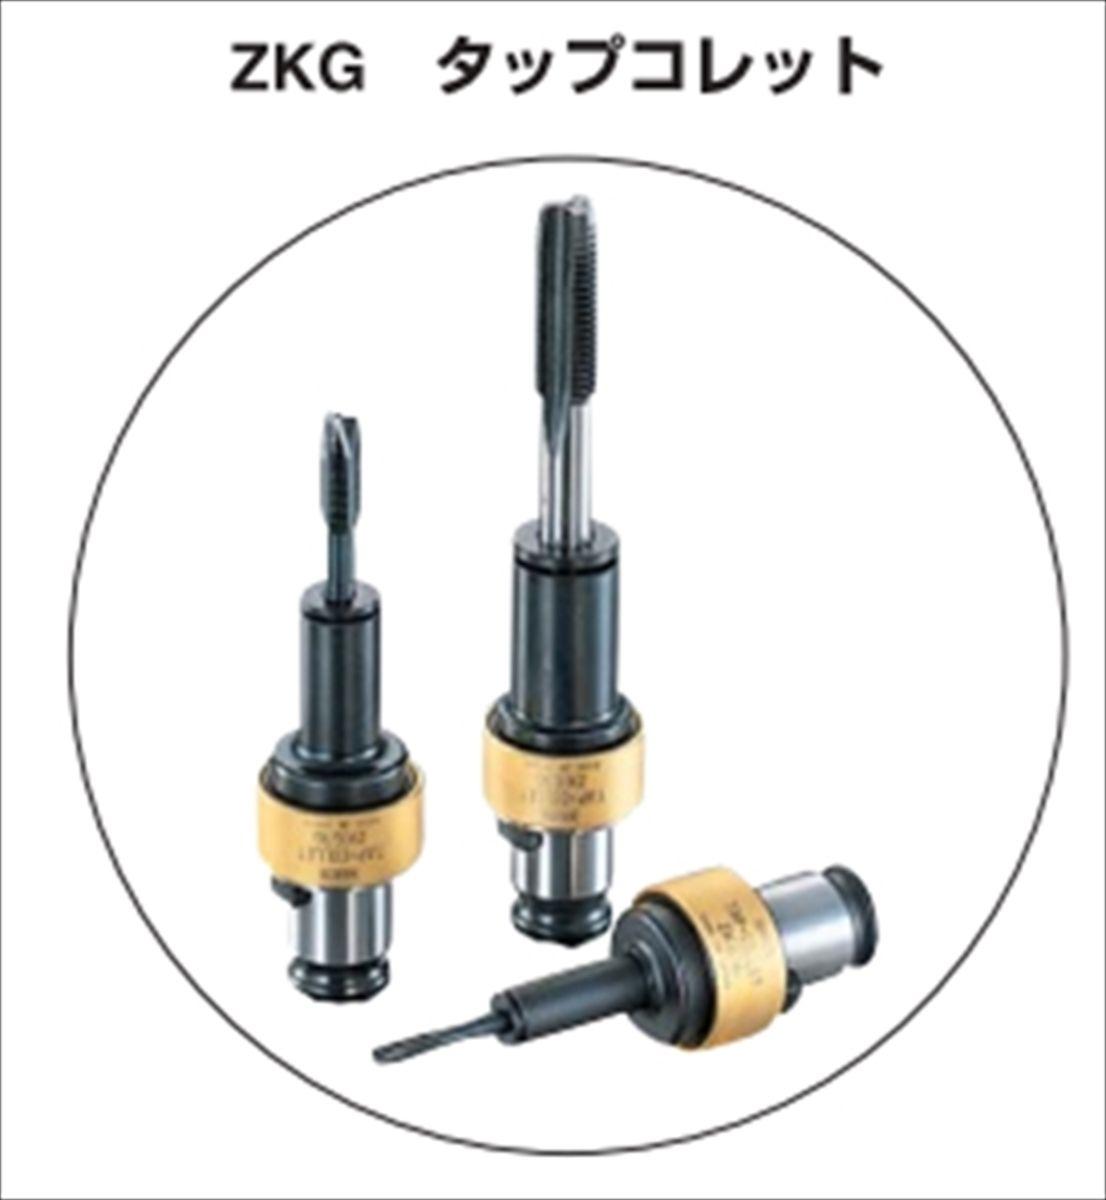 日研工作所 NIKKEN ZKG ワンタッチタップコレット (ZKG12-2)